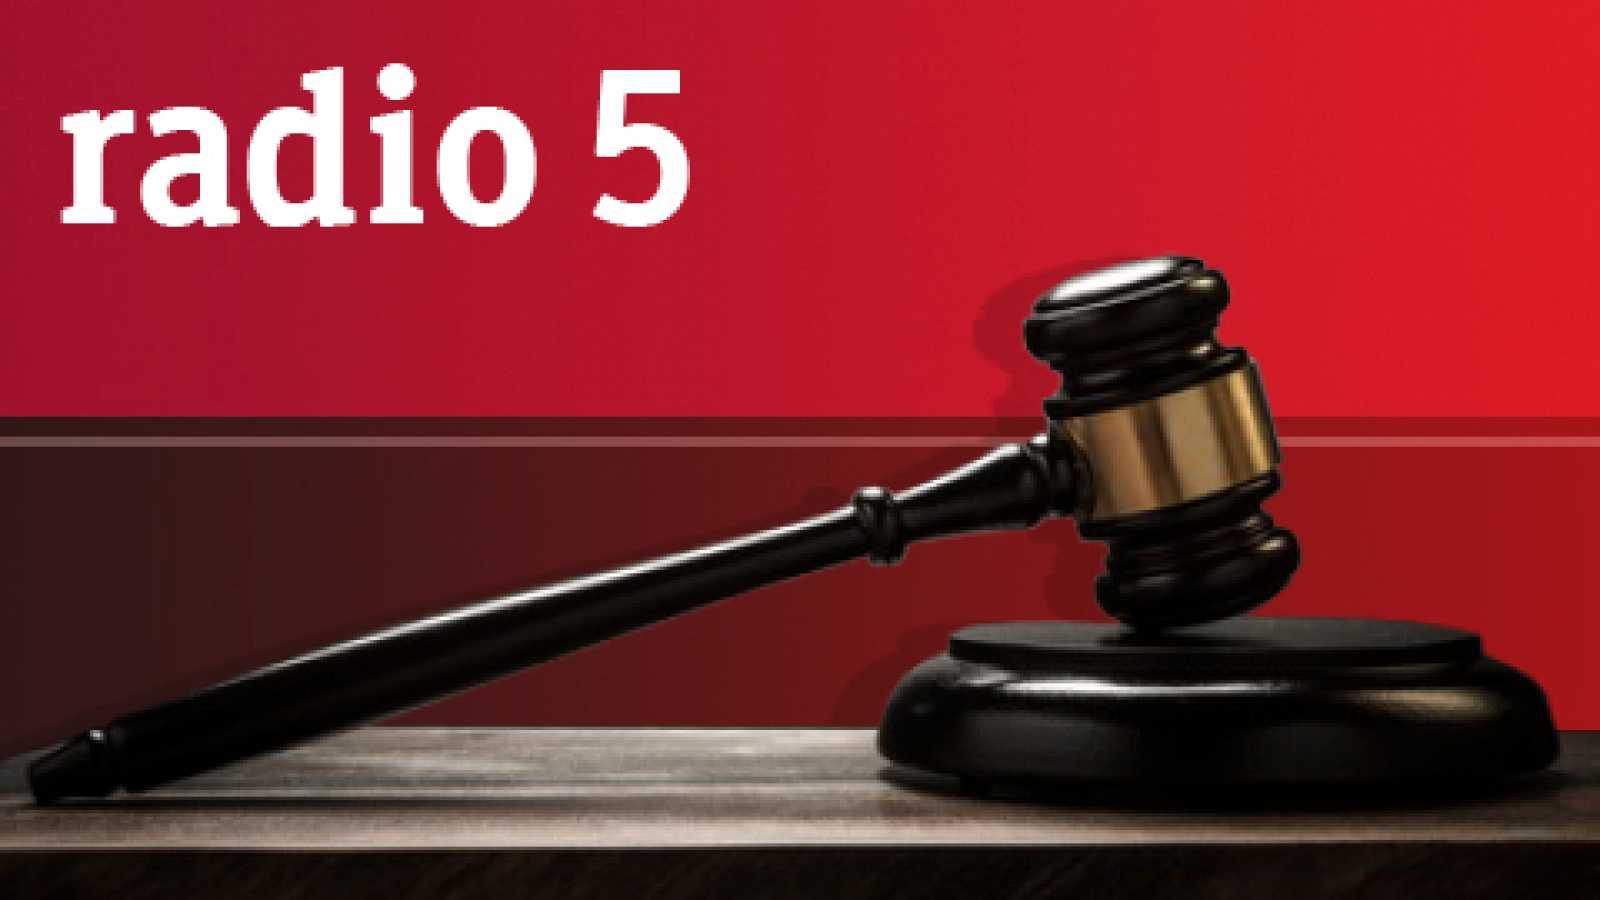 La ley es la ley - ¿Cómo resuelve el Tribunal Constitucional los Conflictos de competencias entre órganos constitucionales? - 31/10/18 - Escuchar ahora